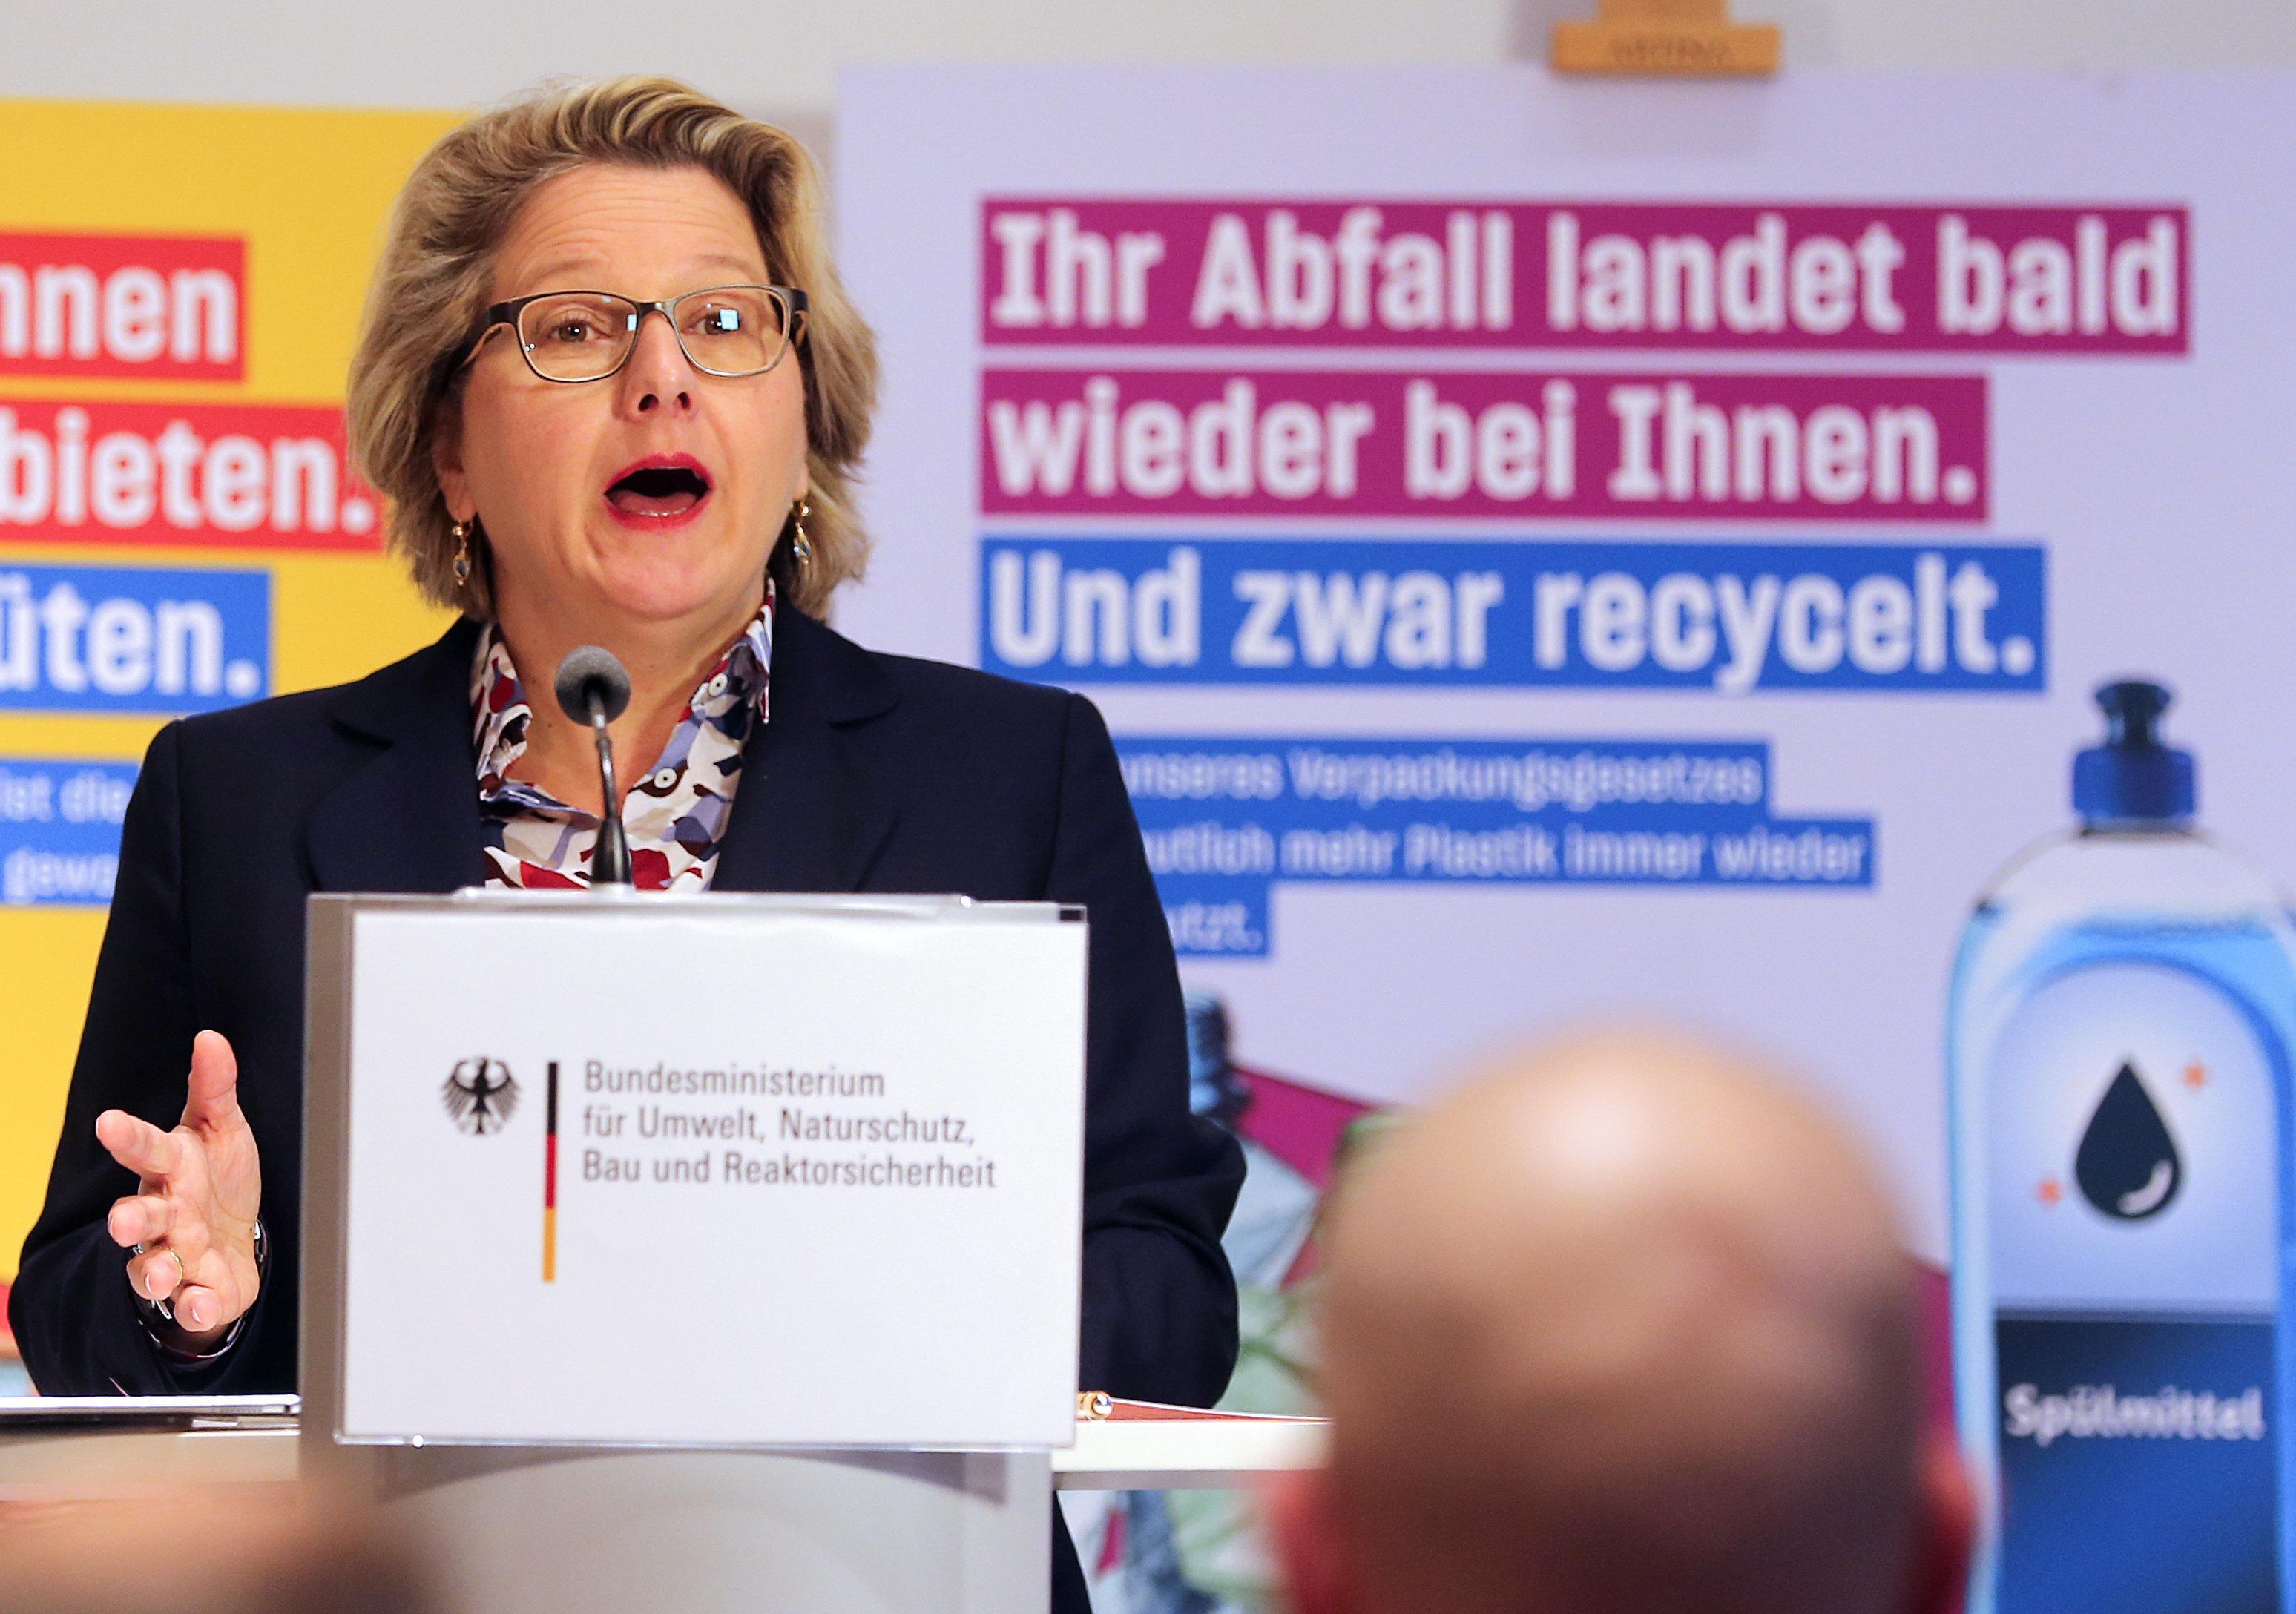 Umweltministerin Schulze stellt 5-Punkte-Plan im Kampf gegen Plastik